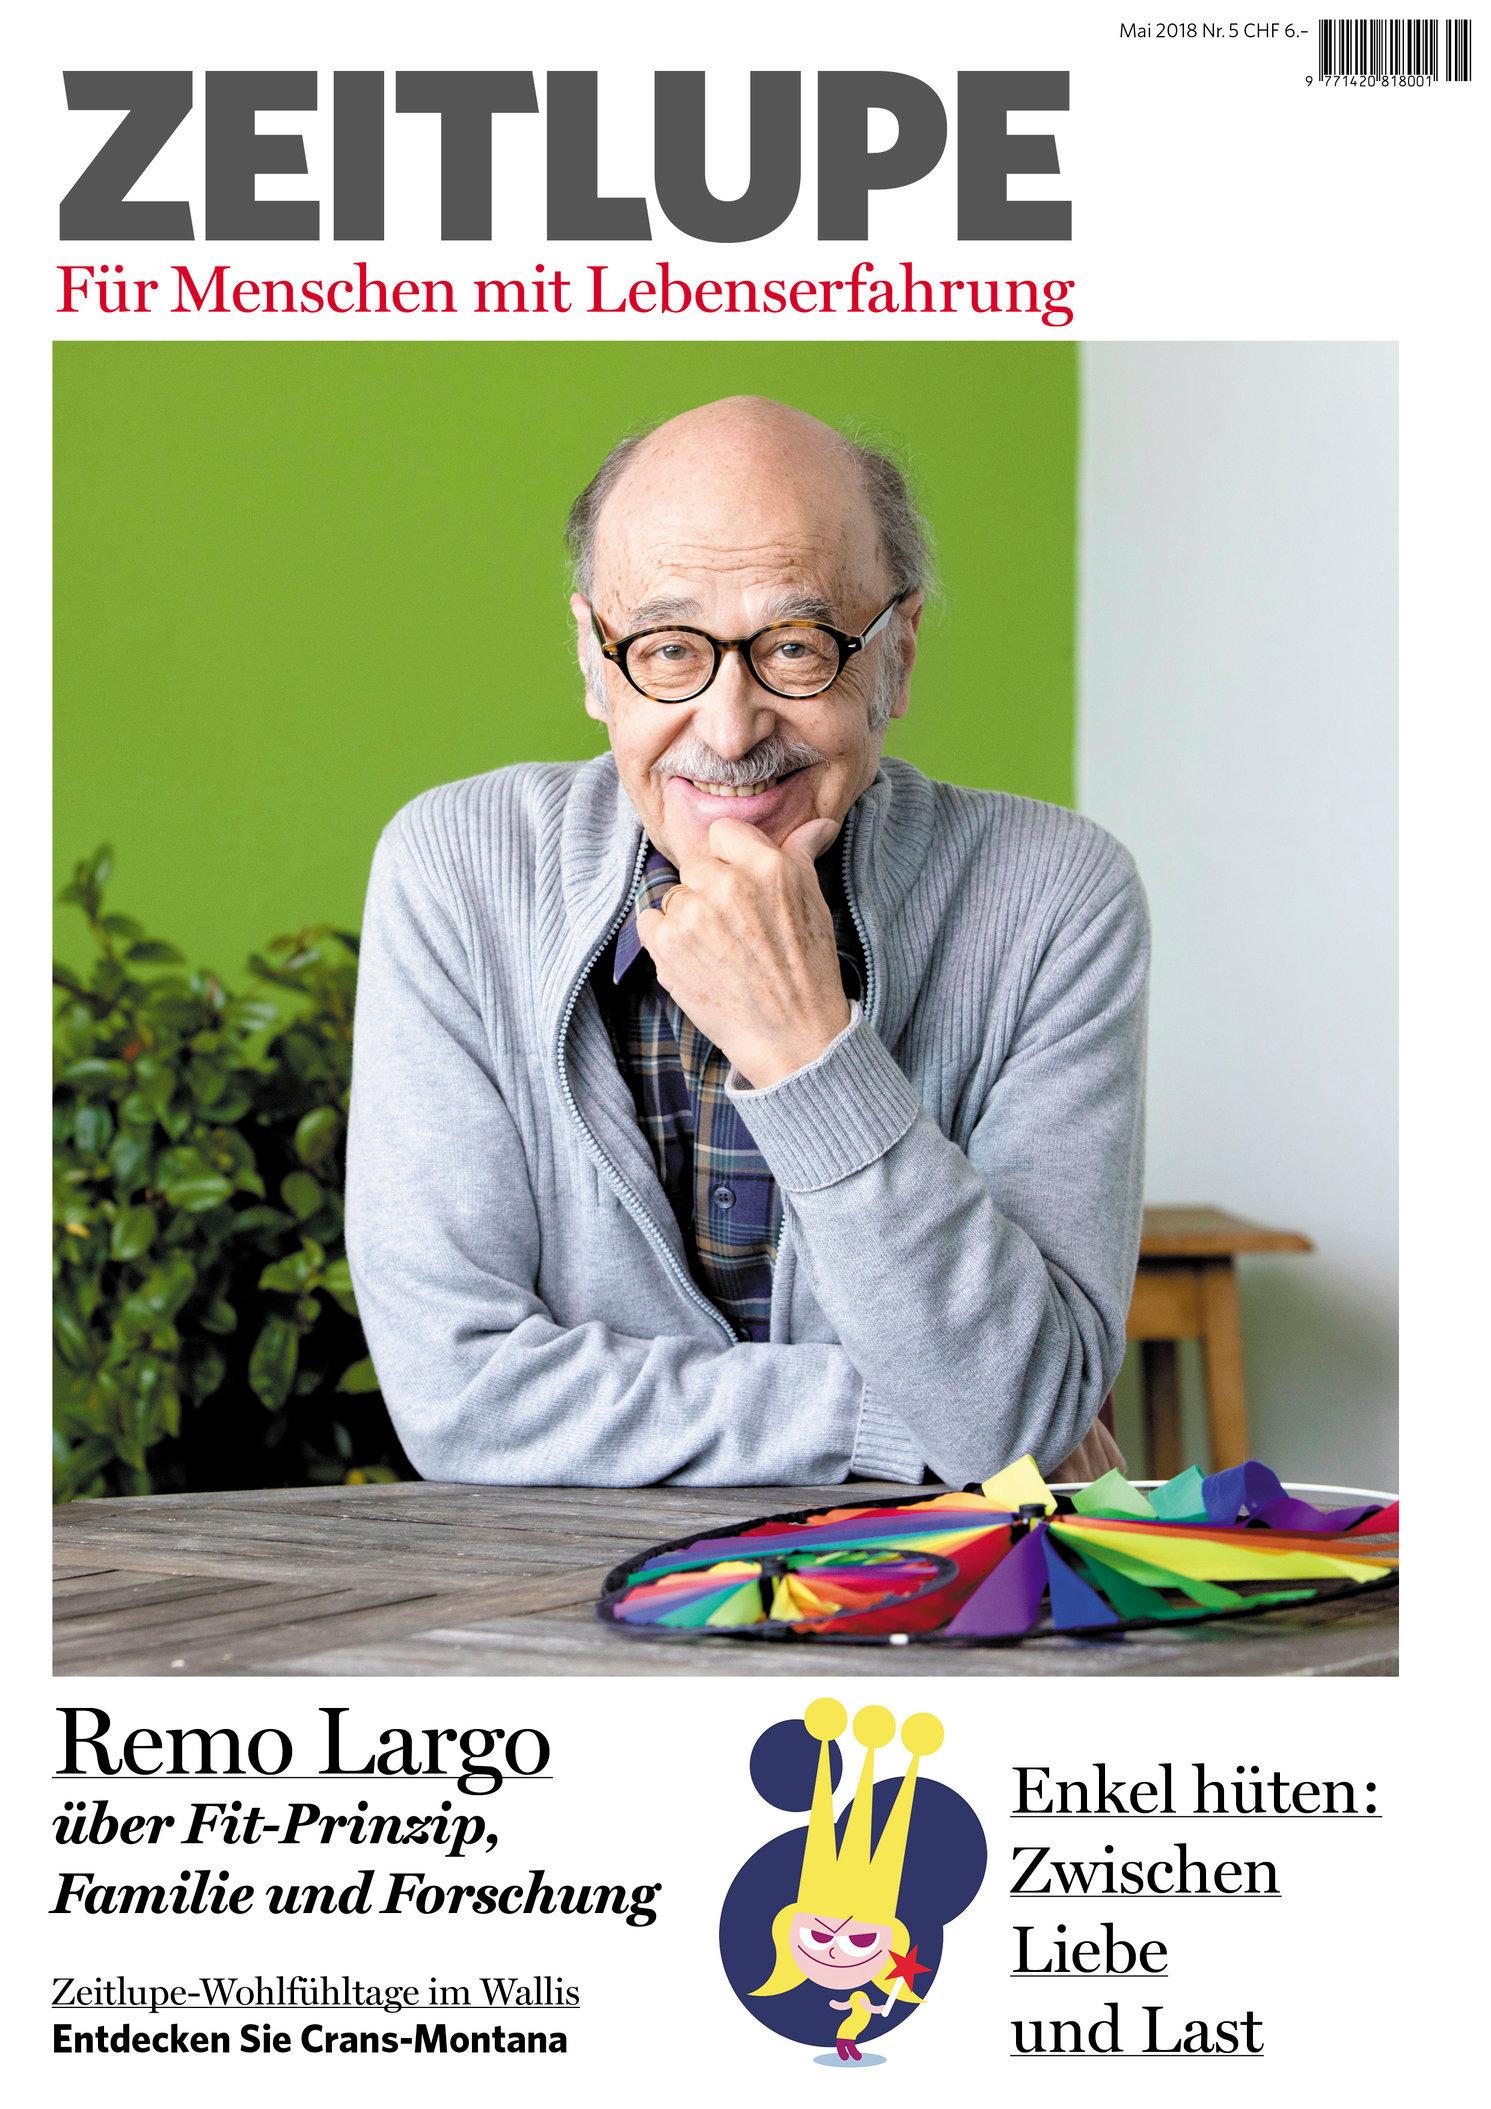 Remo Largo, Zeitlupe, Mai 2018